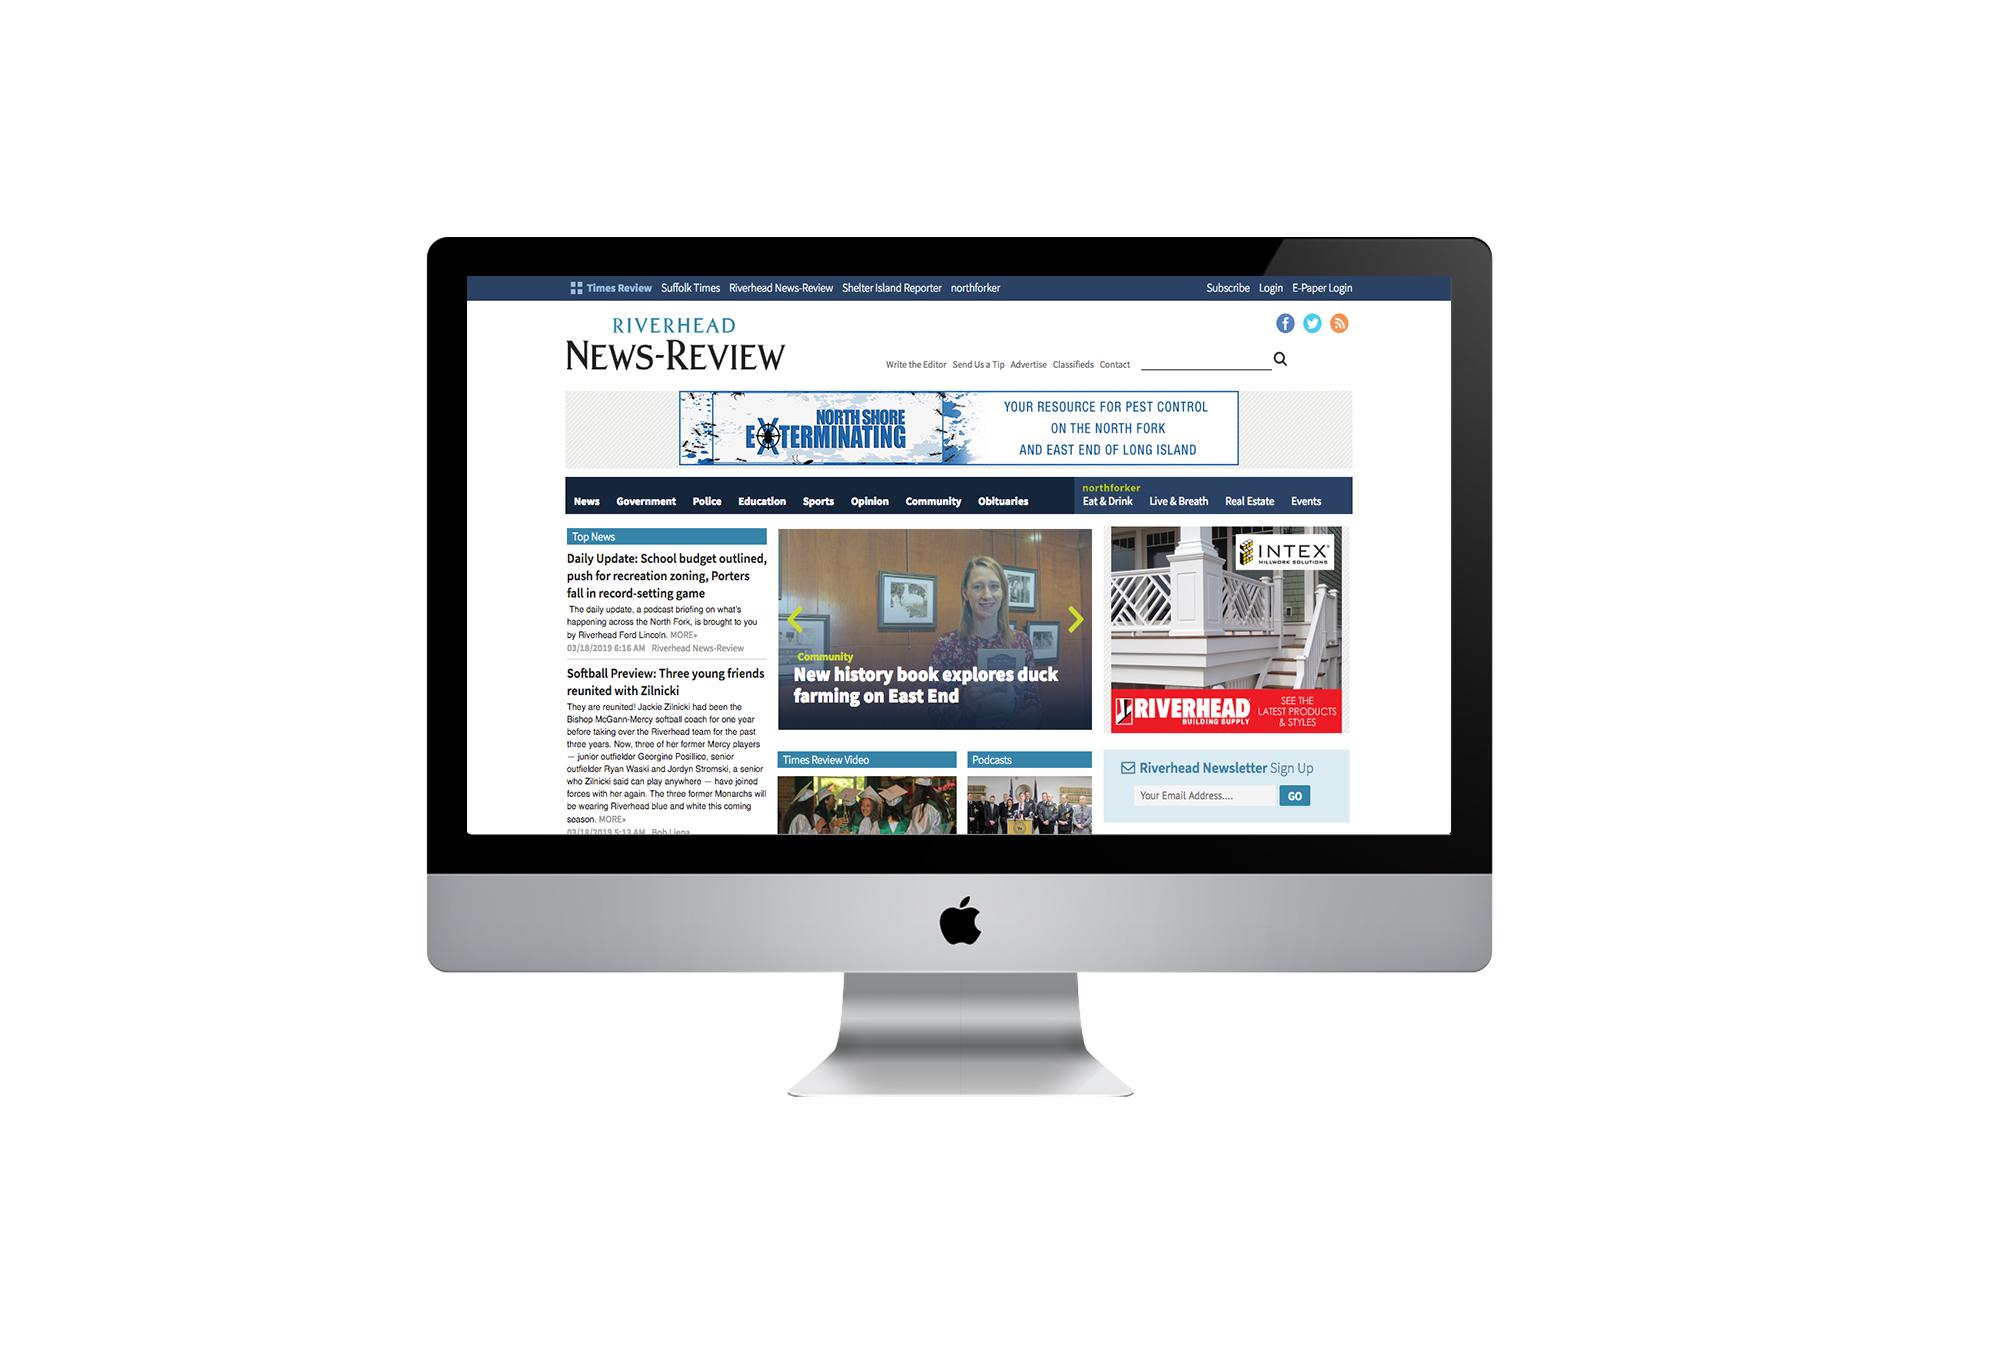 newsreview_web.jpg